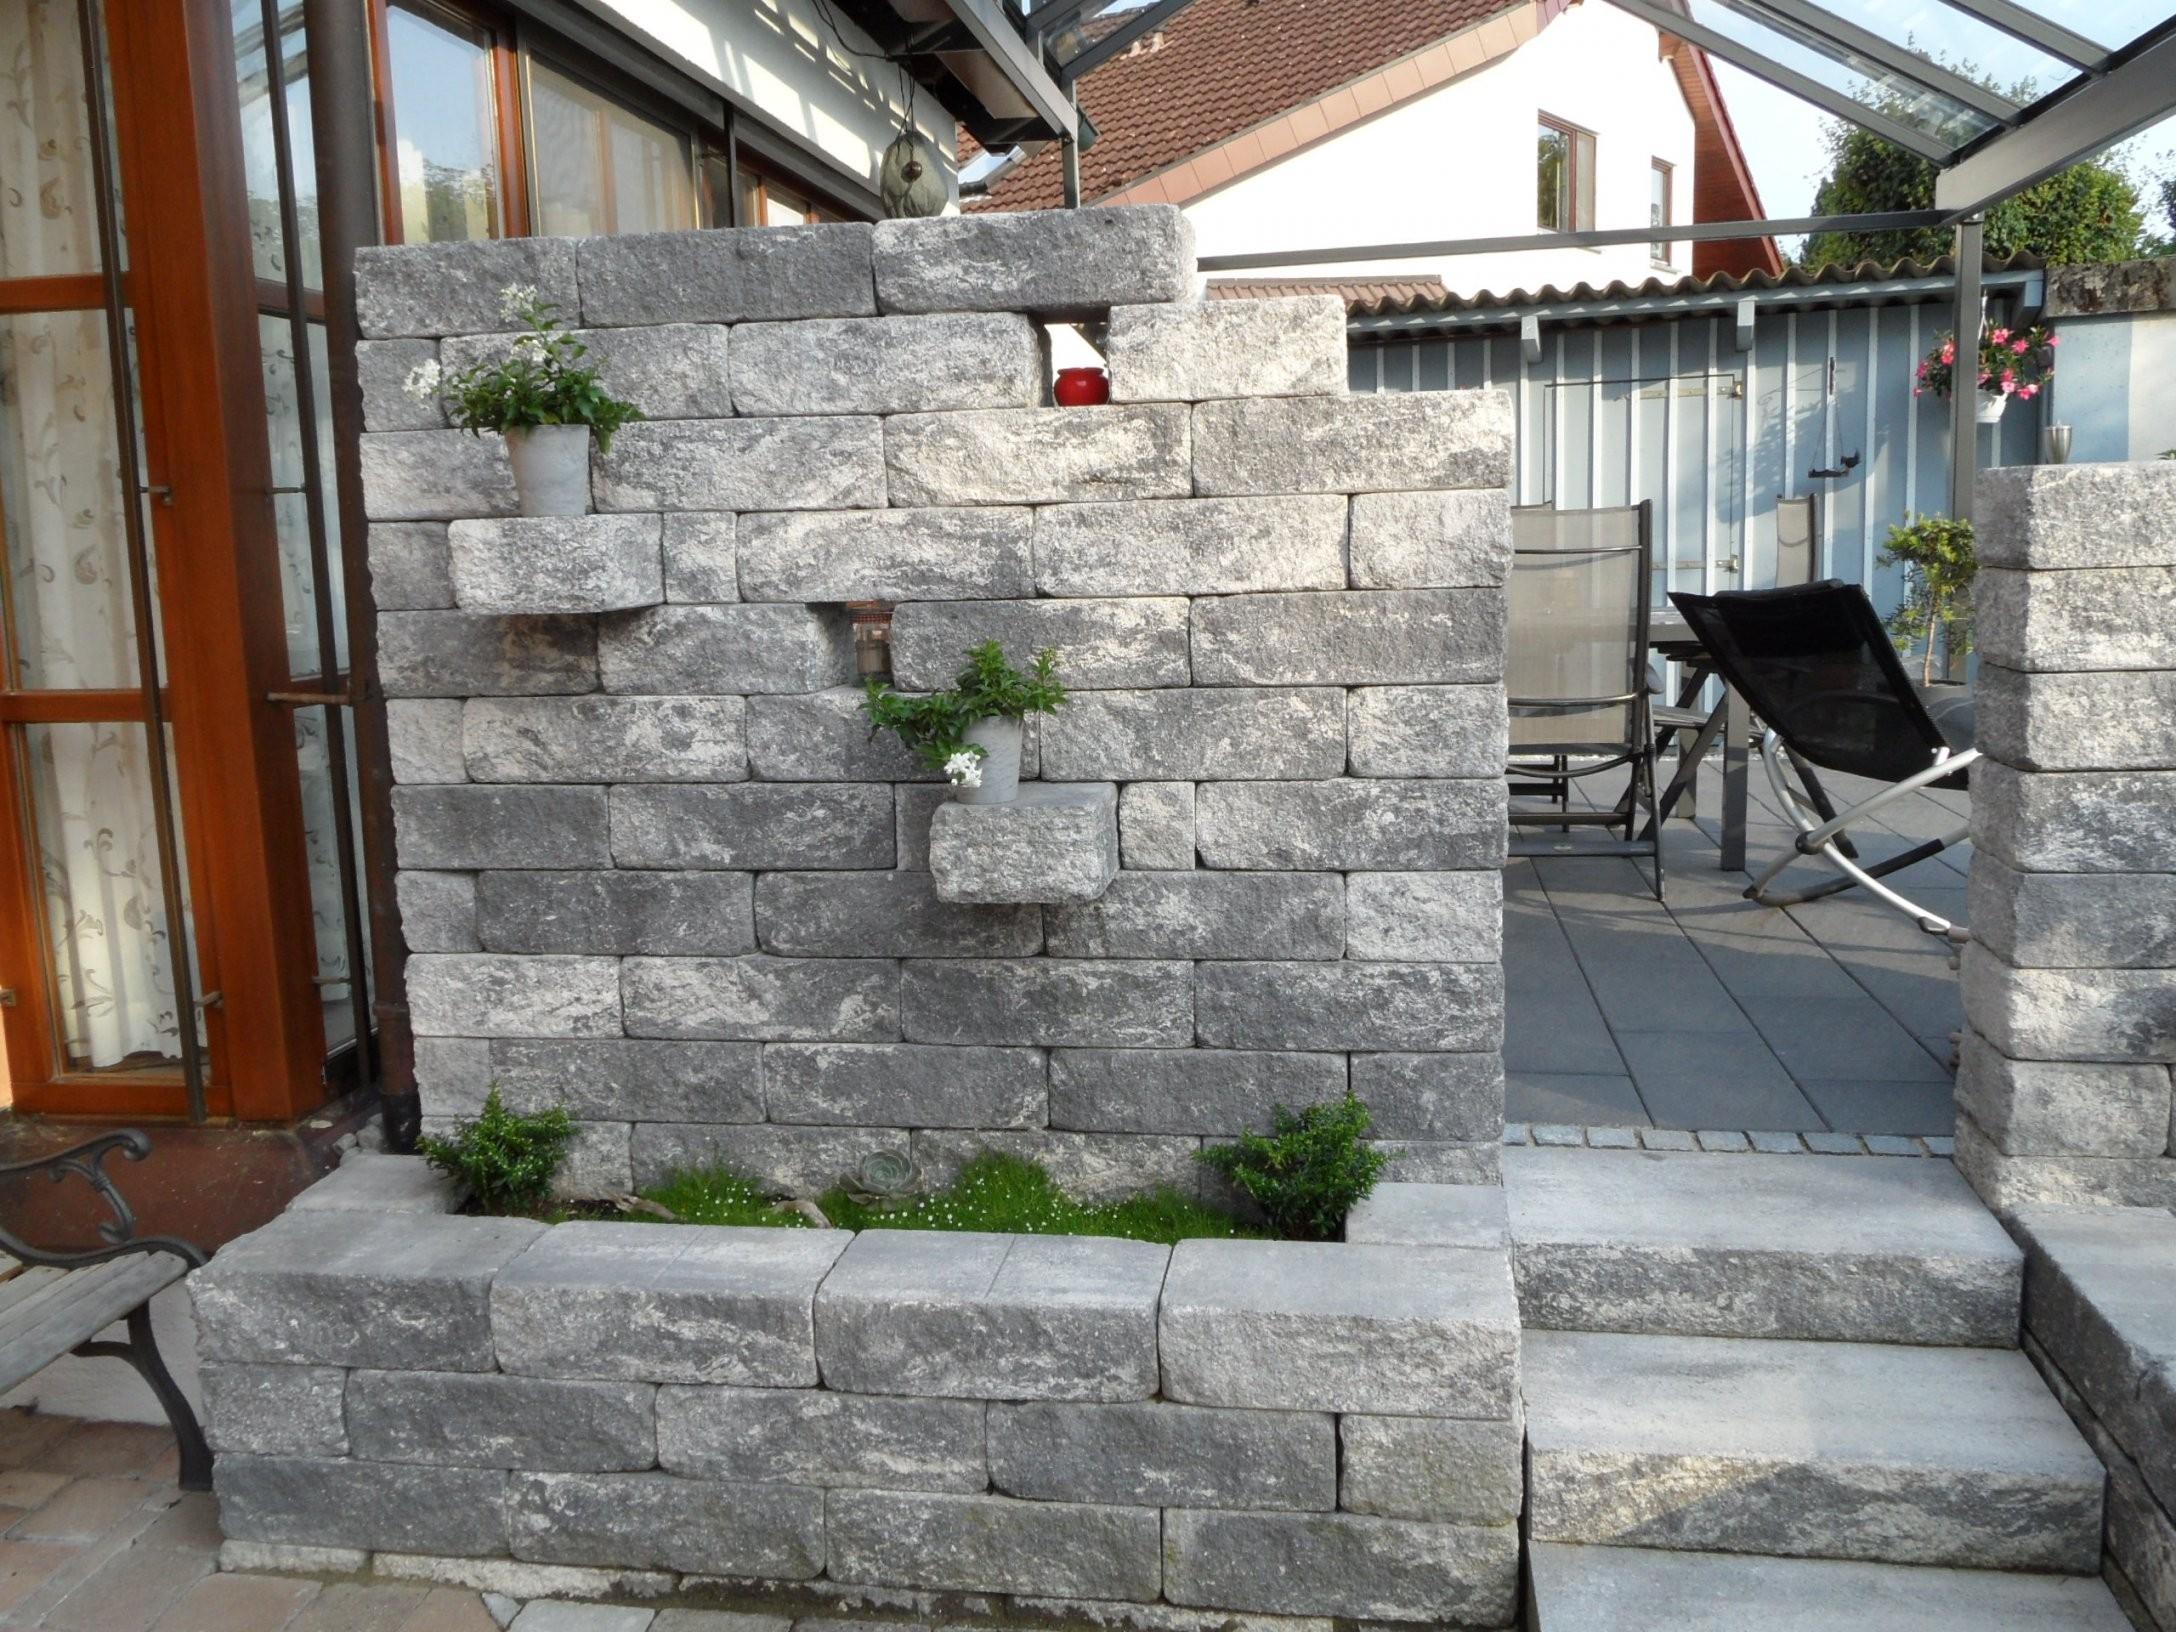 Garten Mauern Steine  Haus Ideen von Garten Mauern Steine Photo